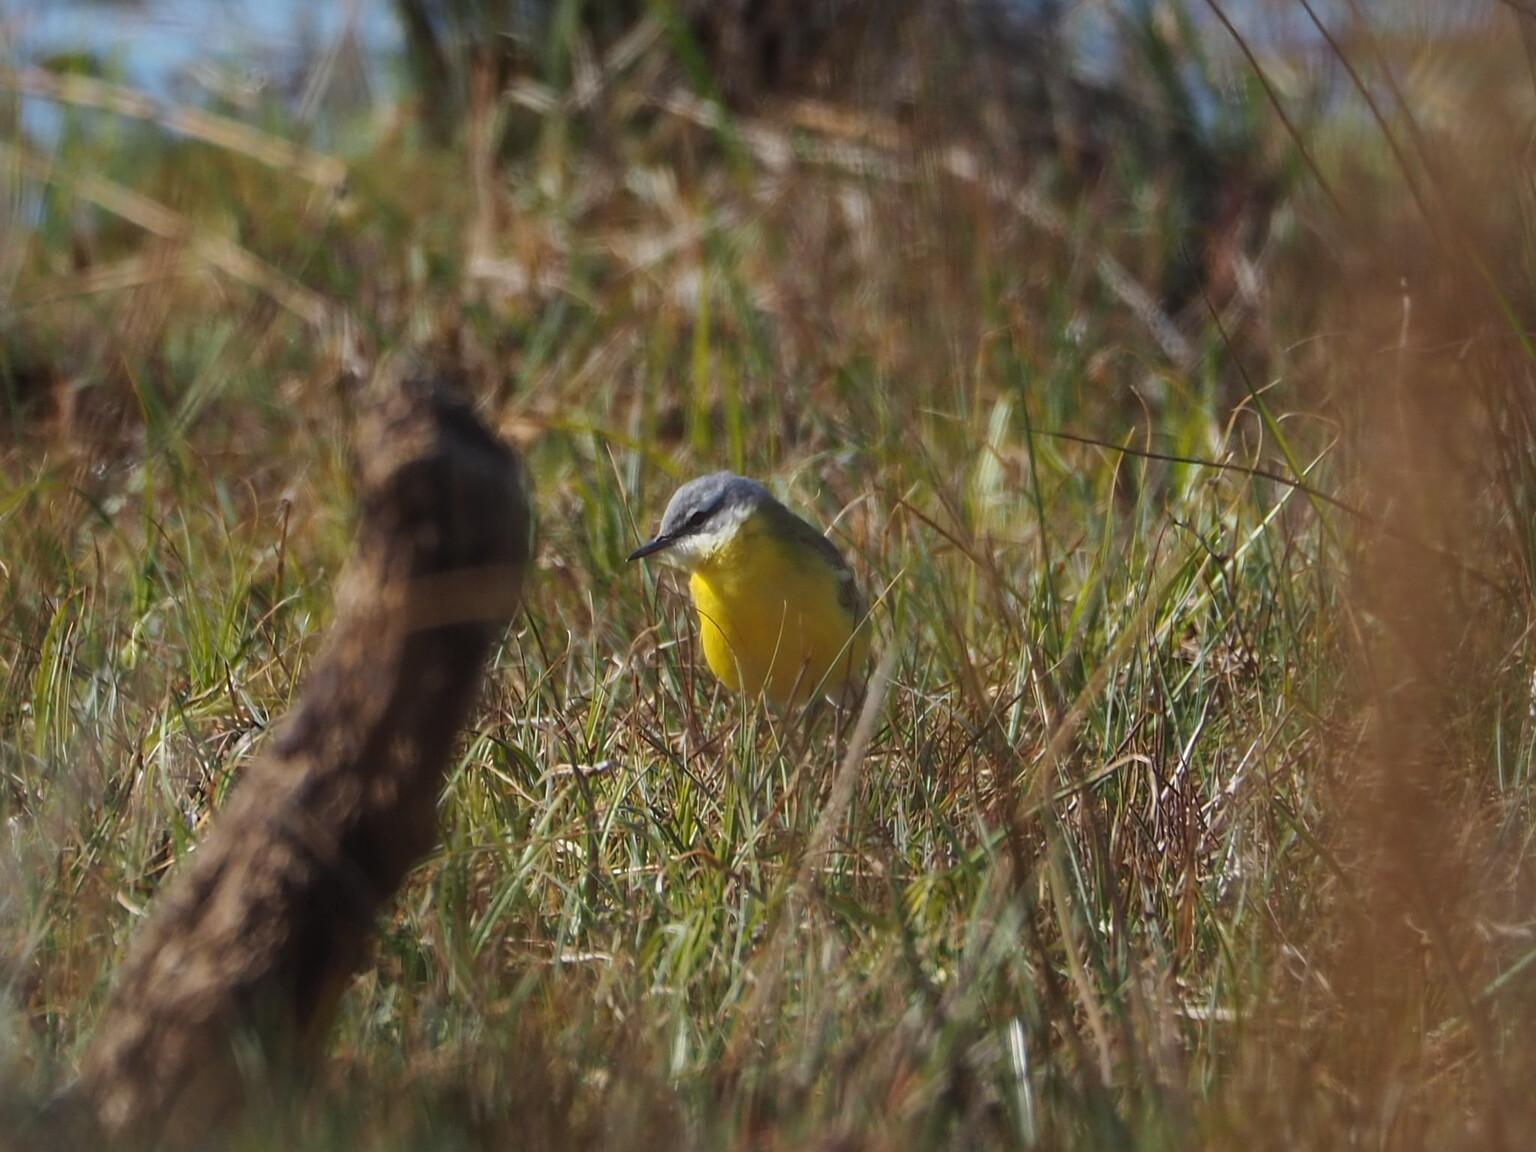 Gele kwikstaart - Texel - foto door atzedejong-01 op 14-04-2021 - deze foto bevat: vogel, fabriek, bek, veer, grasland, zangvogel, grass familie, gras, prairie, terrestrische dieren